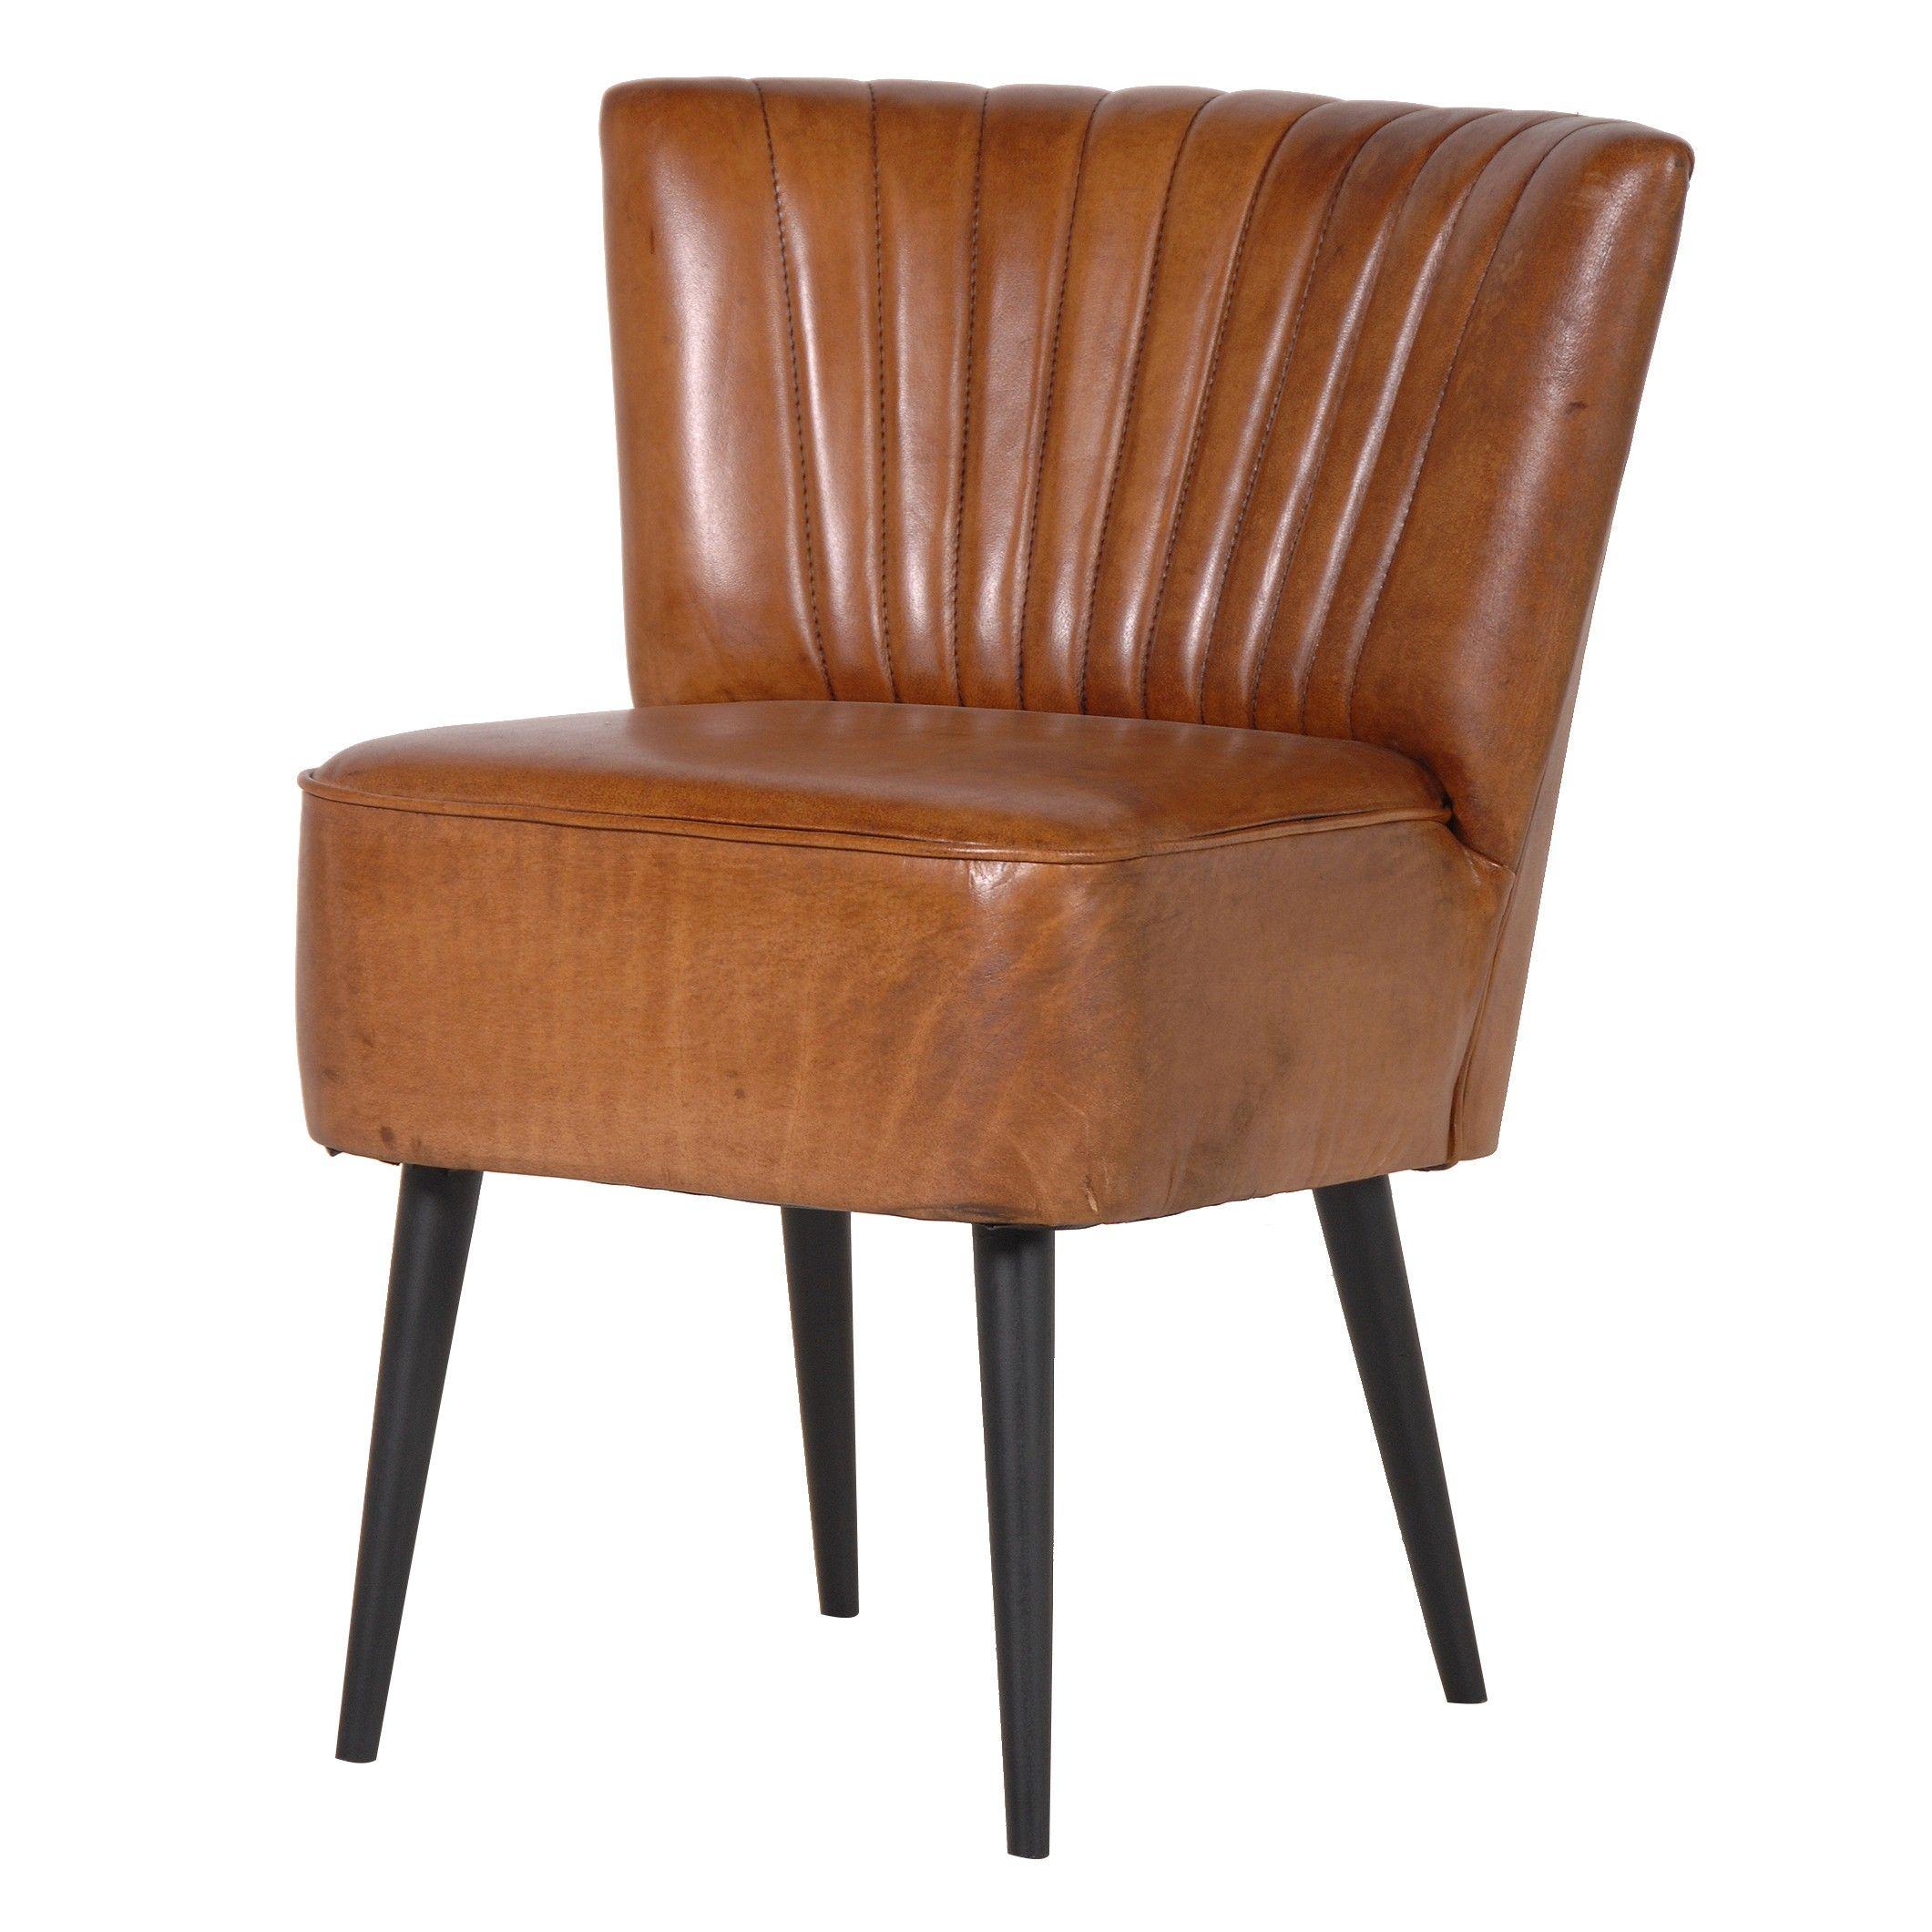 Chaise de repas en cuir brun vintage